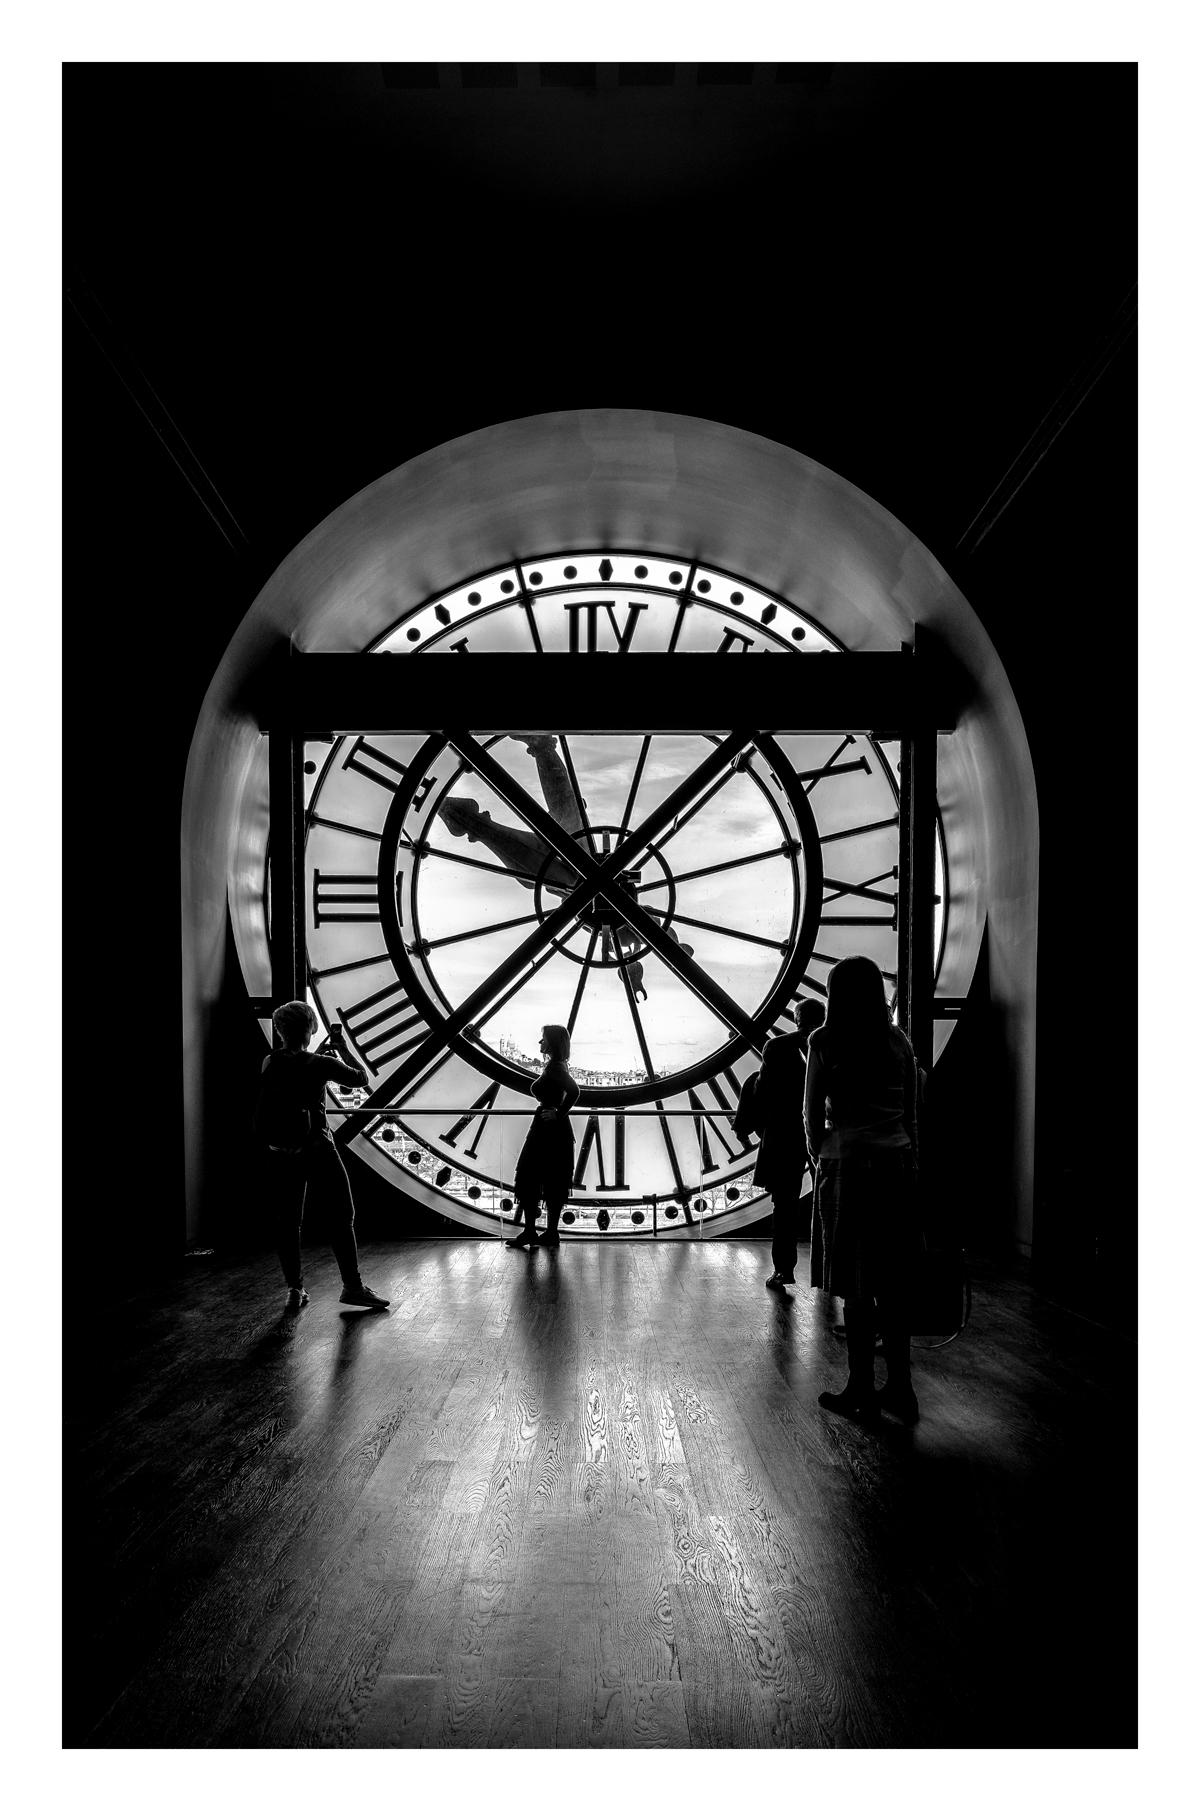 Le temps qui passe - Paris.